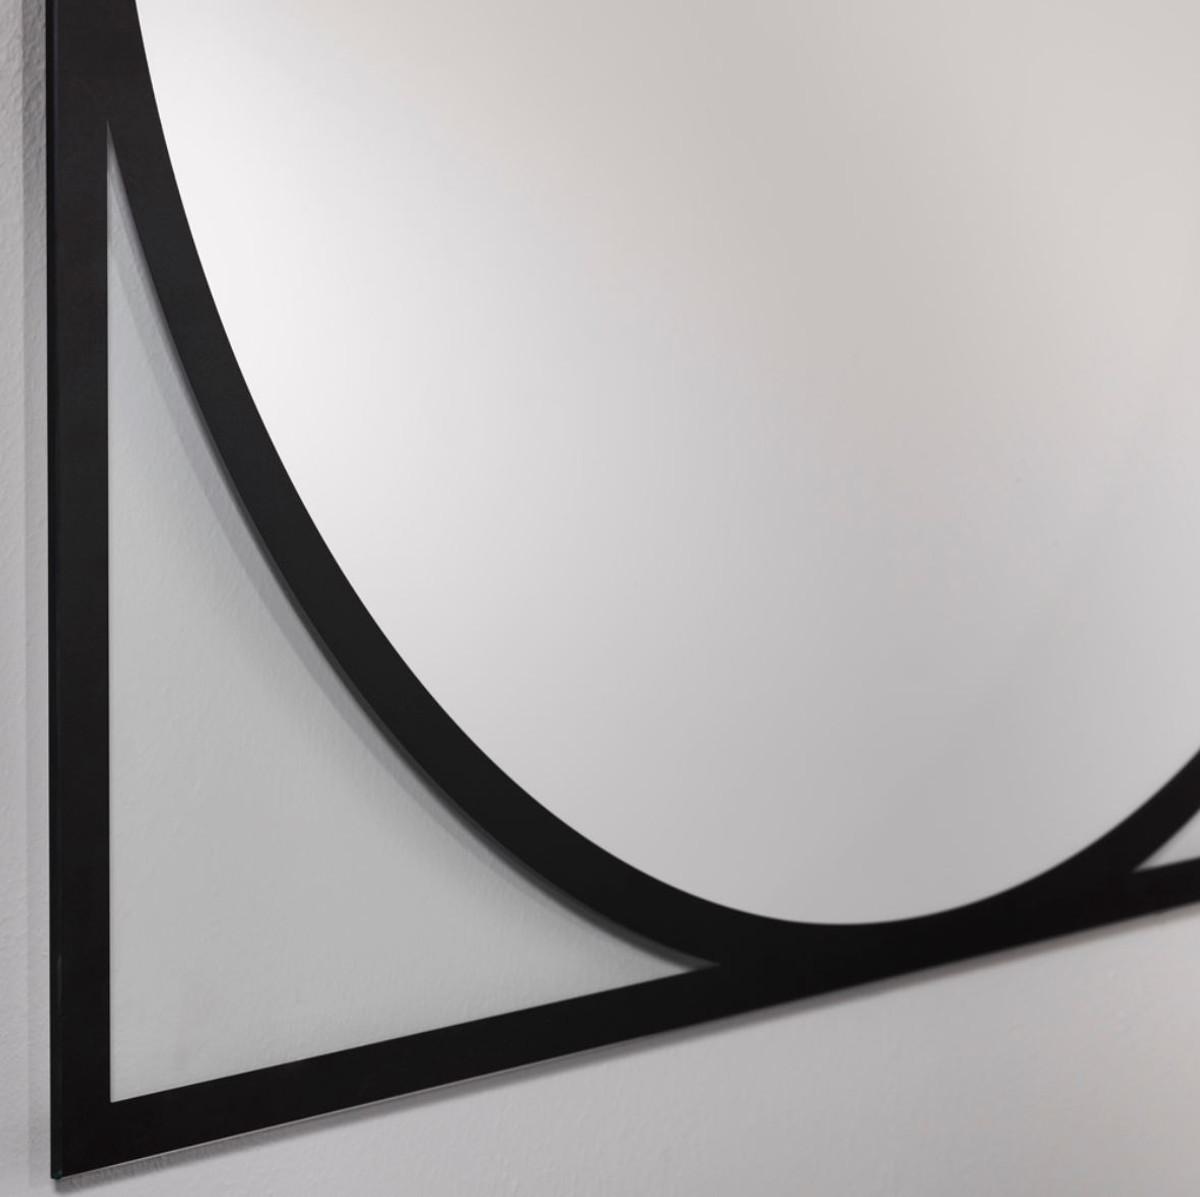 Casa Padrino Luxus Wandspiegel Schwarz 8 x H. 8 cm - Wohnzimmer Spiegel -  Garderoben Spiegel - Luxus Kollektion